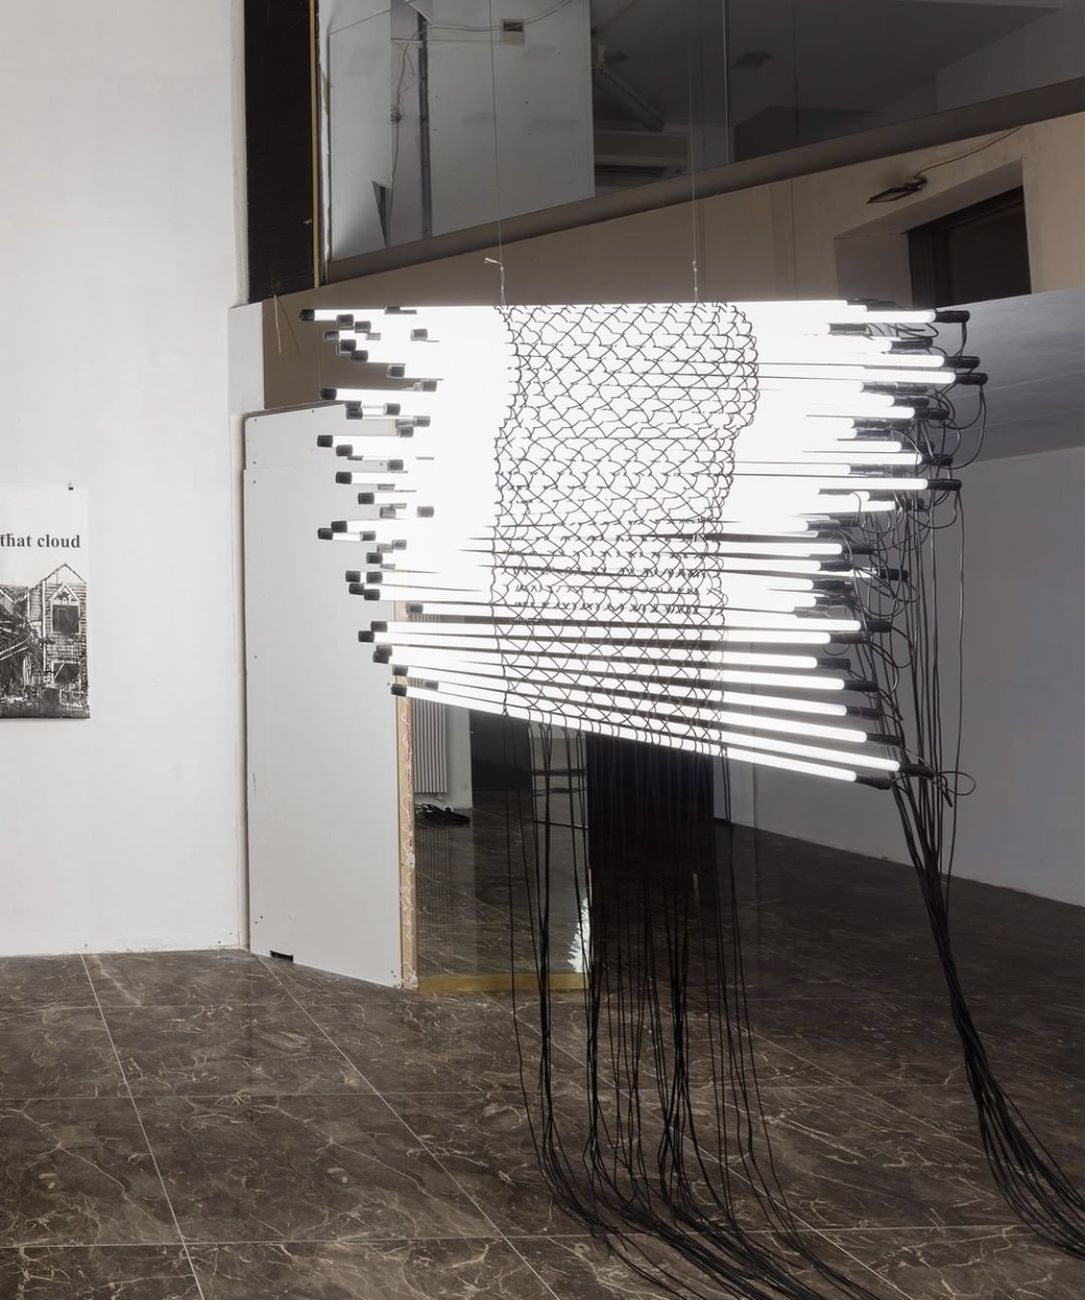 Opere di Monica Bonvicini per ATO Art Takes Over, Milano 2021. Courtesy Galleria Raffaella Cortese. Photo Andrea Rossetti